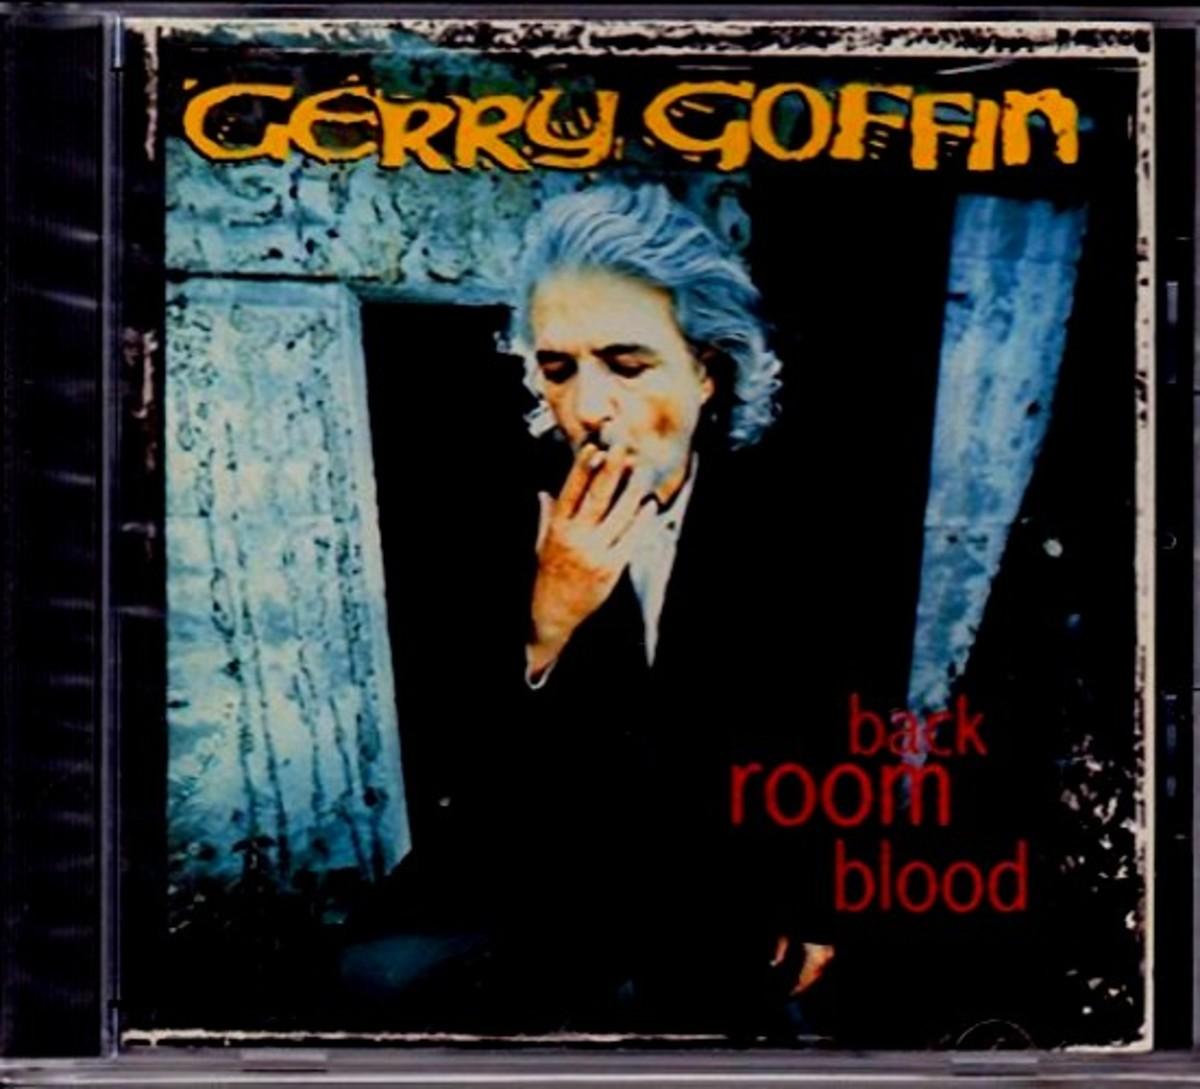 gerry goffin2